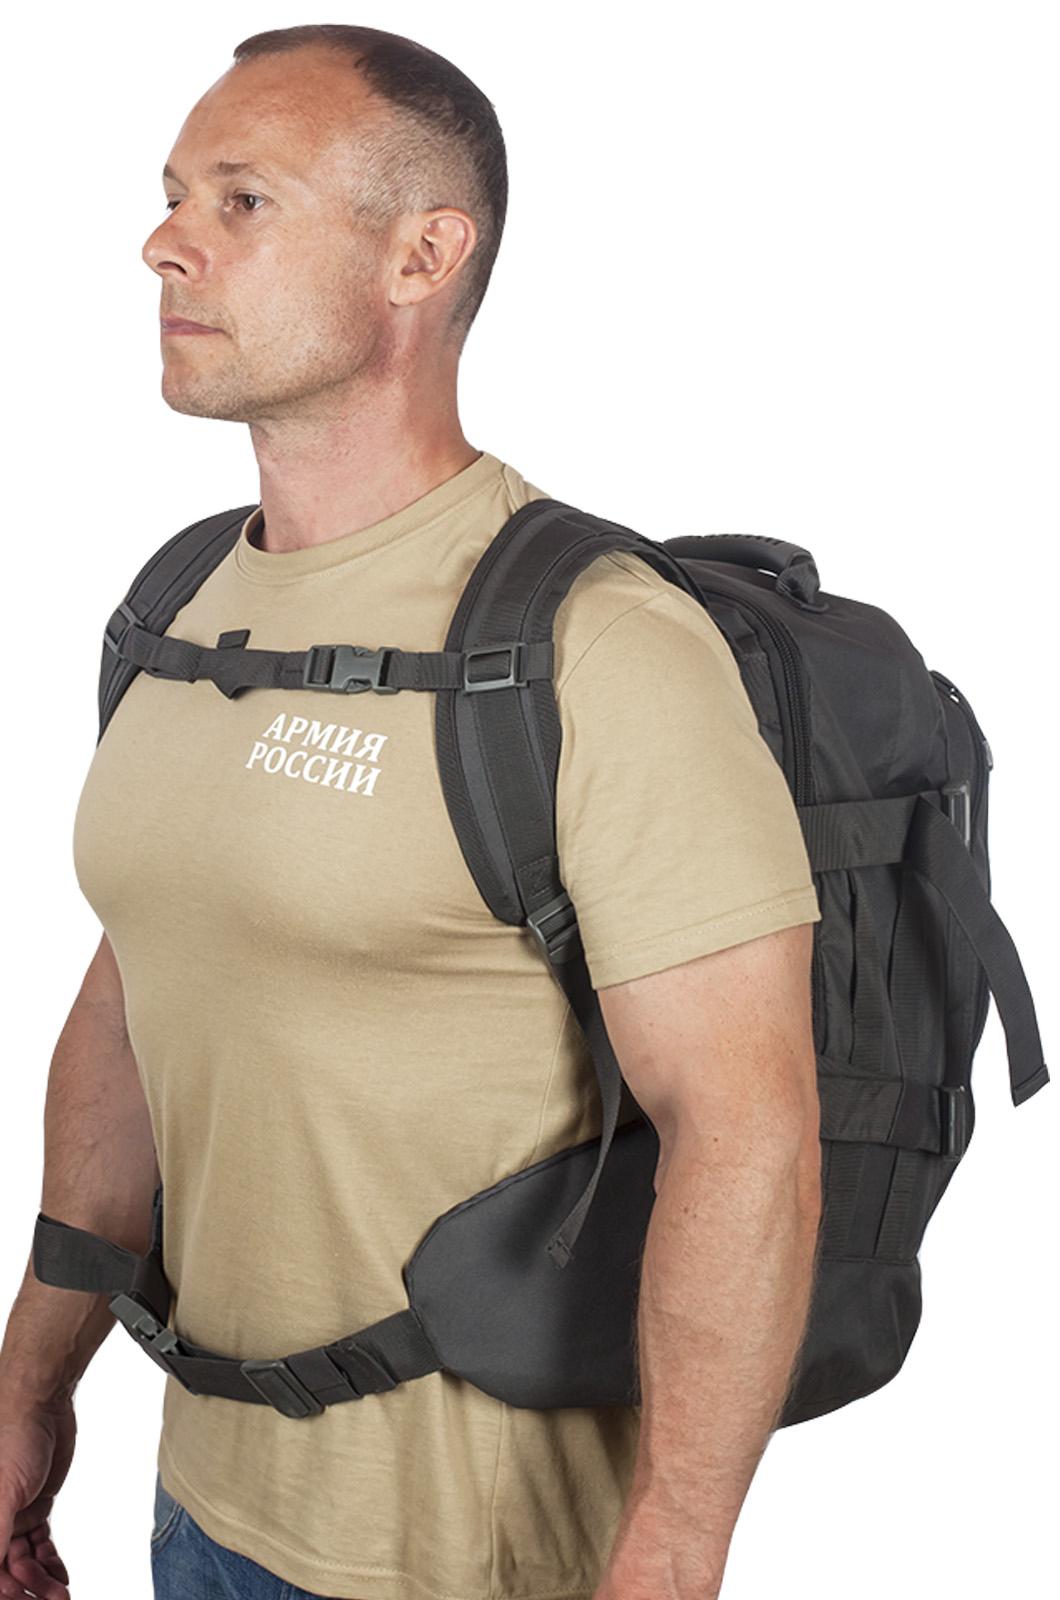 Универсальный практичный рюкзак с нашивкой Лучший Охотник - заказать онлайн